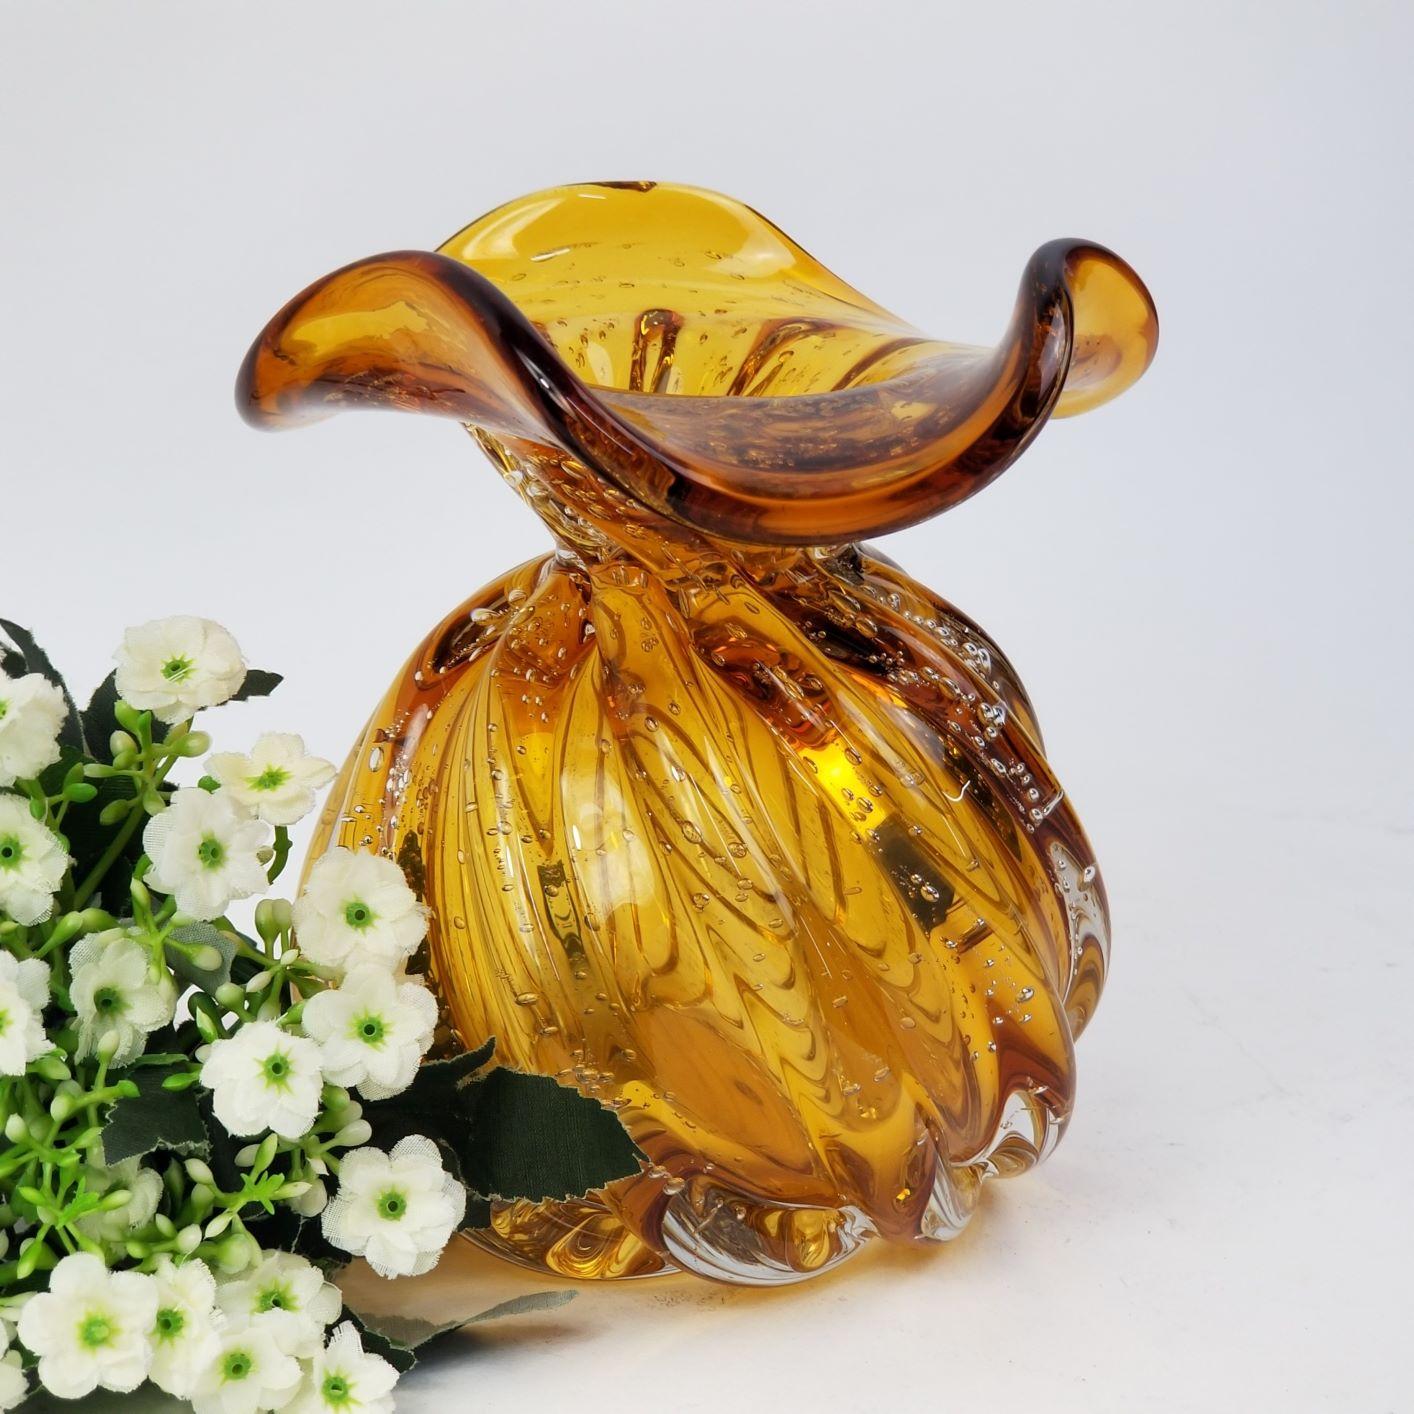 Trouxinha de Murano - Vaso Decorativo de Cristal Cor Âmbar